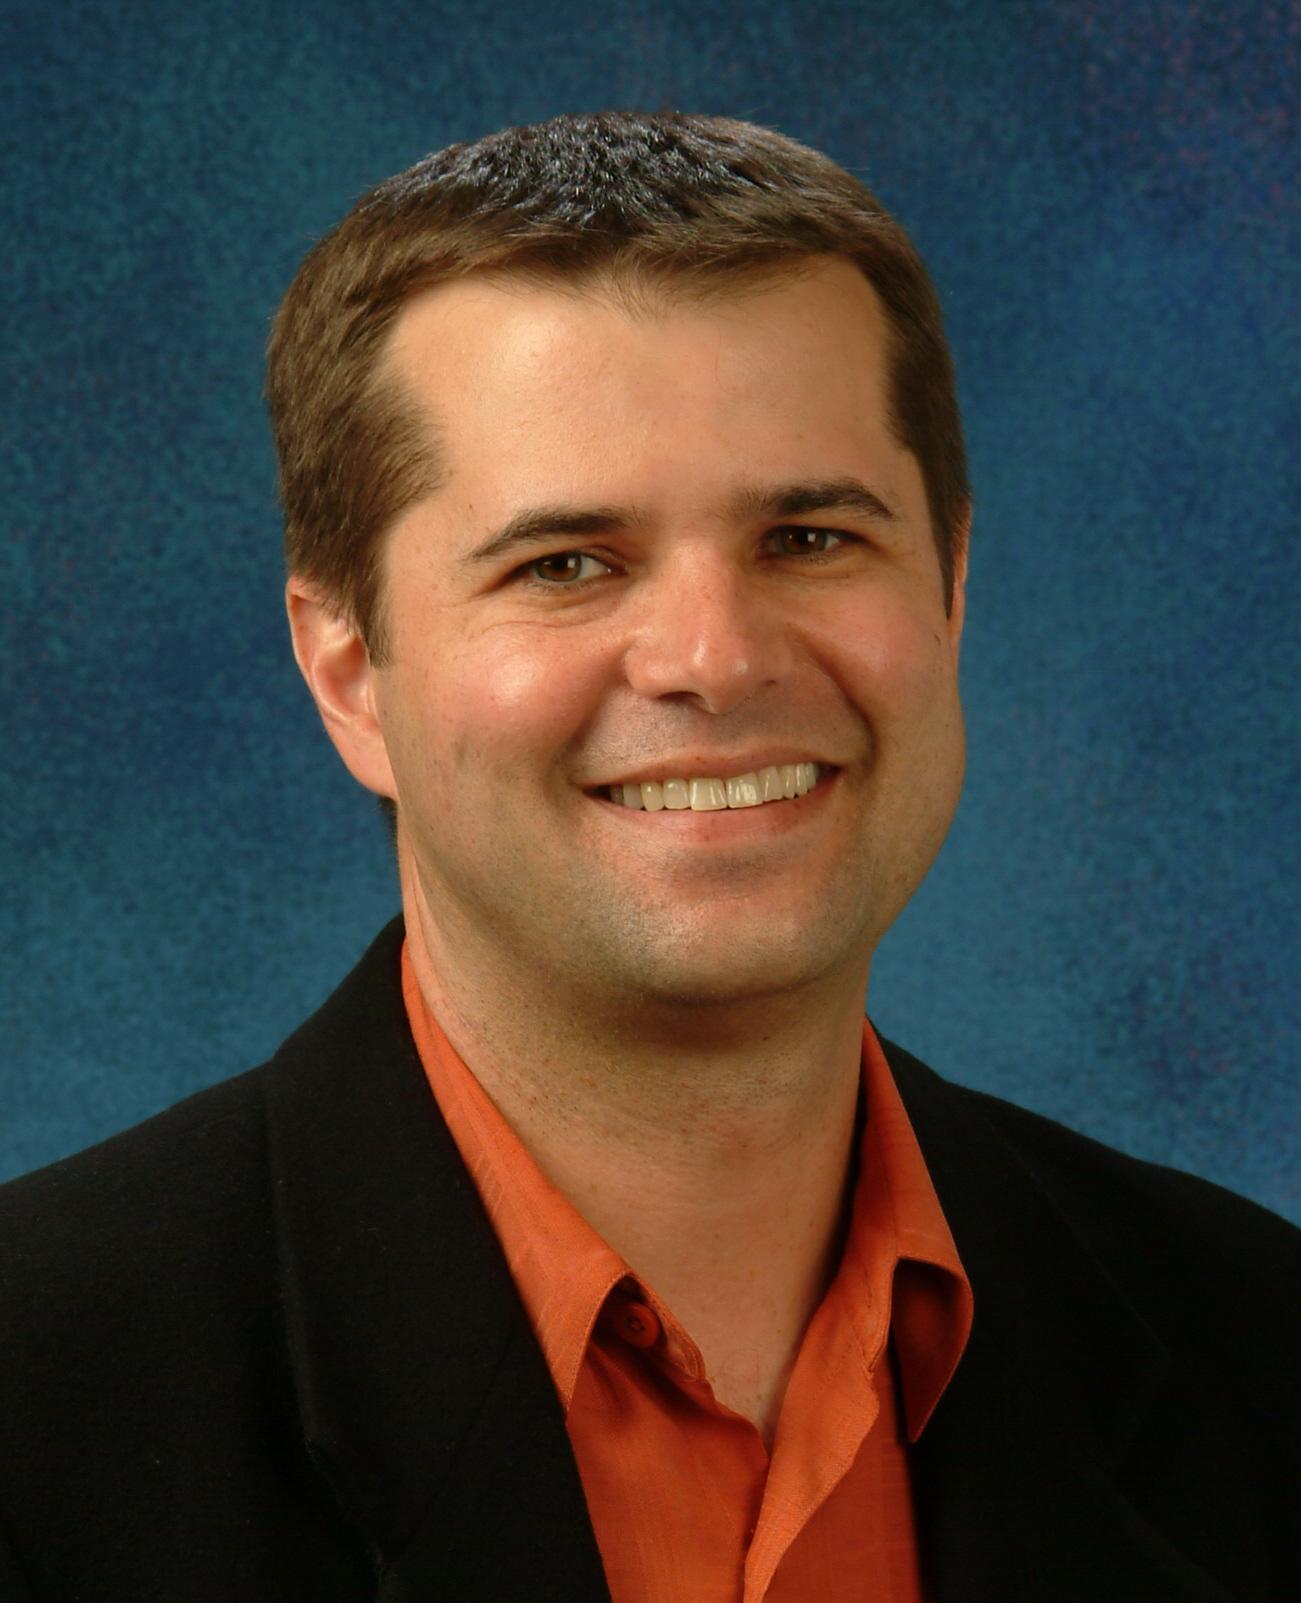 Andrew Fuligni